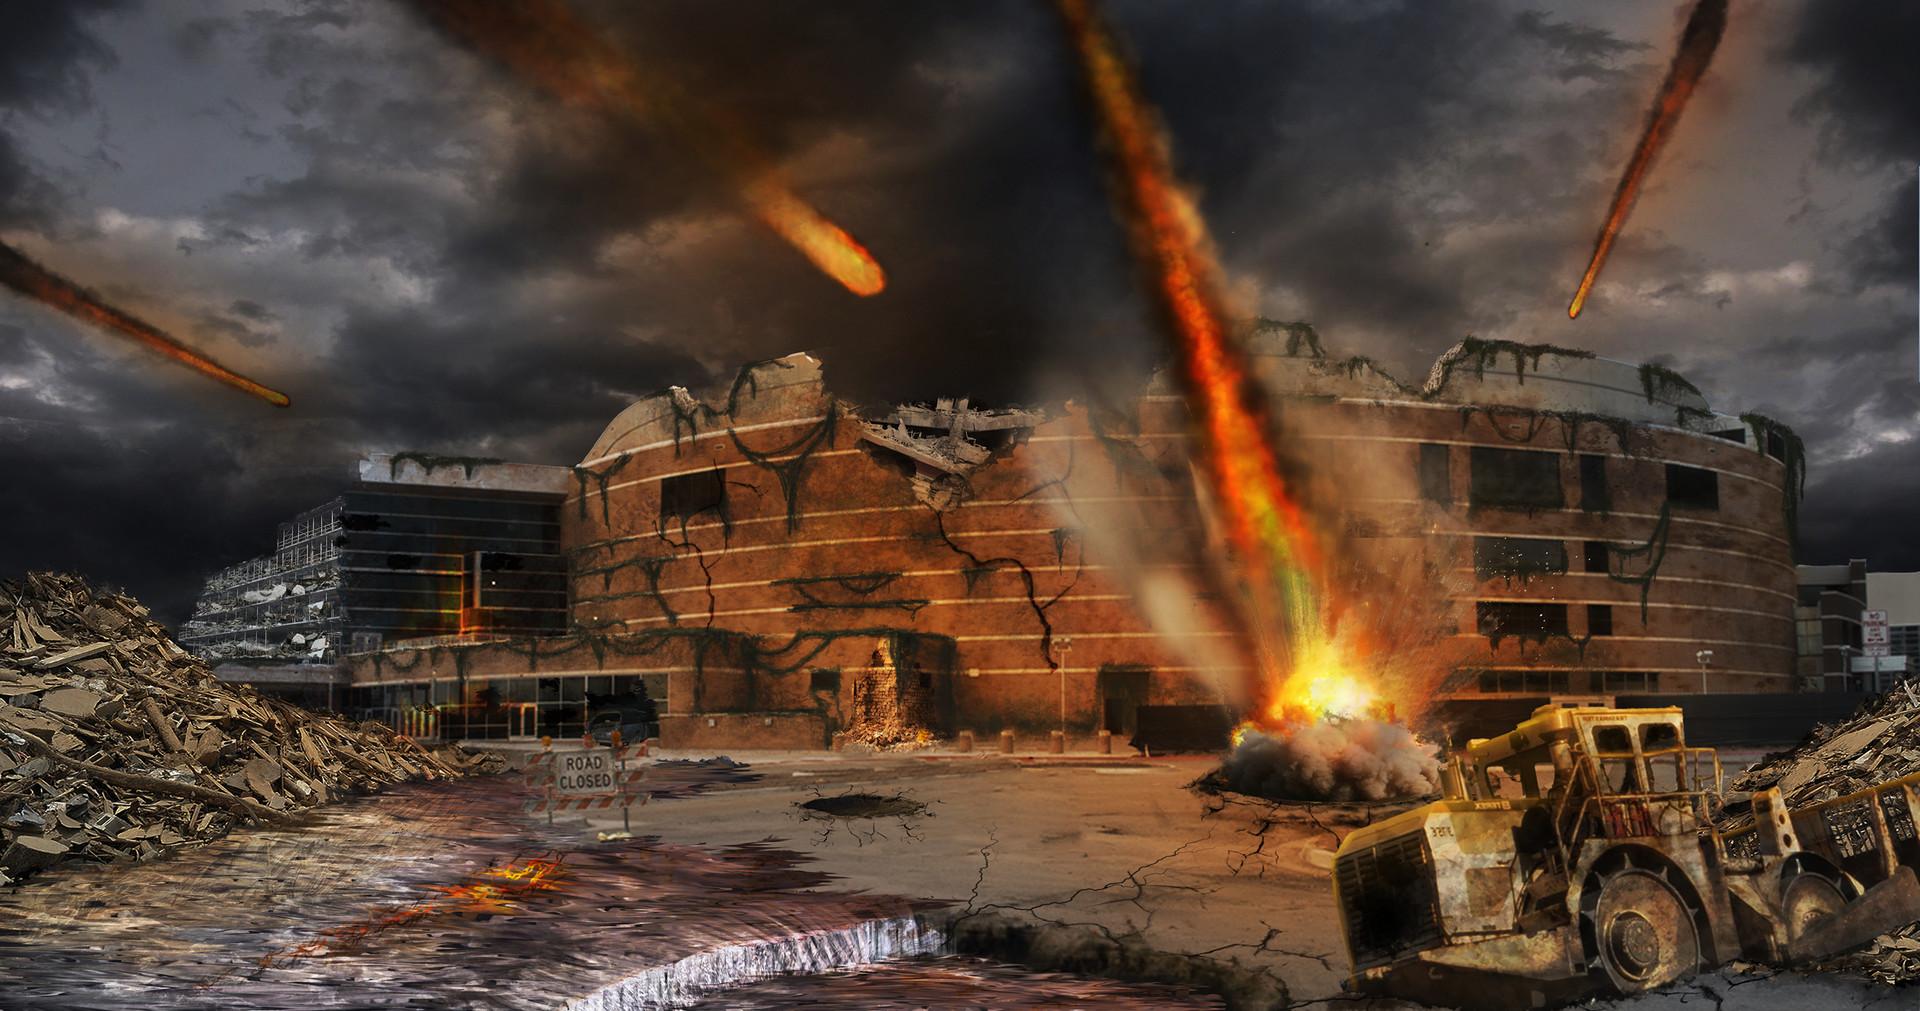 Adriaan de haan meteor destroyed city